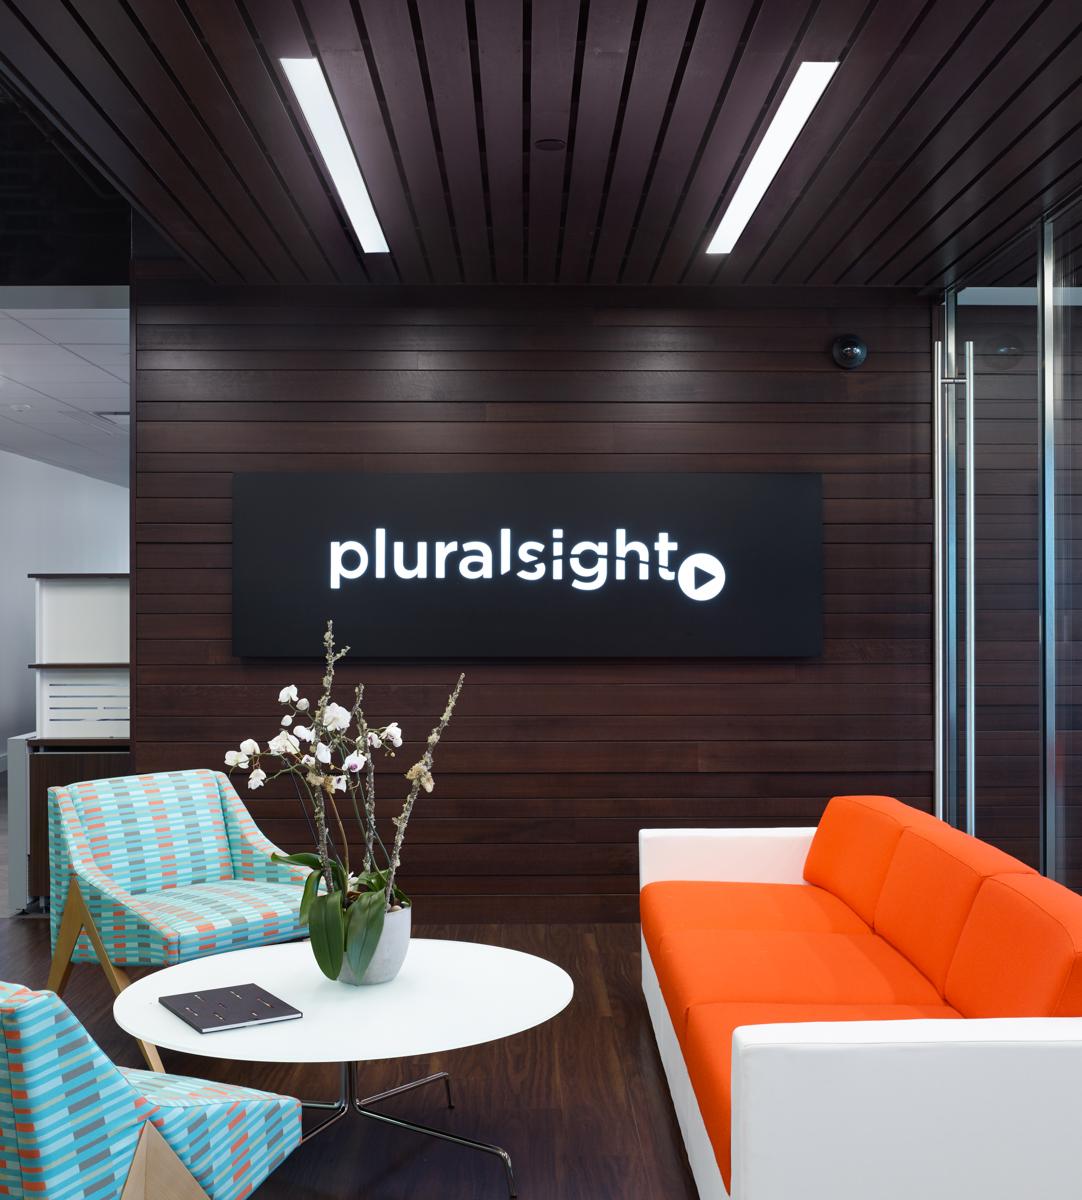 150713_PluralSight61574 1-Edit-Flat.jpg